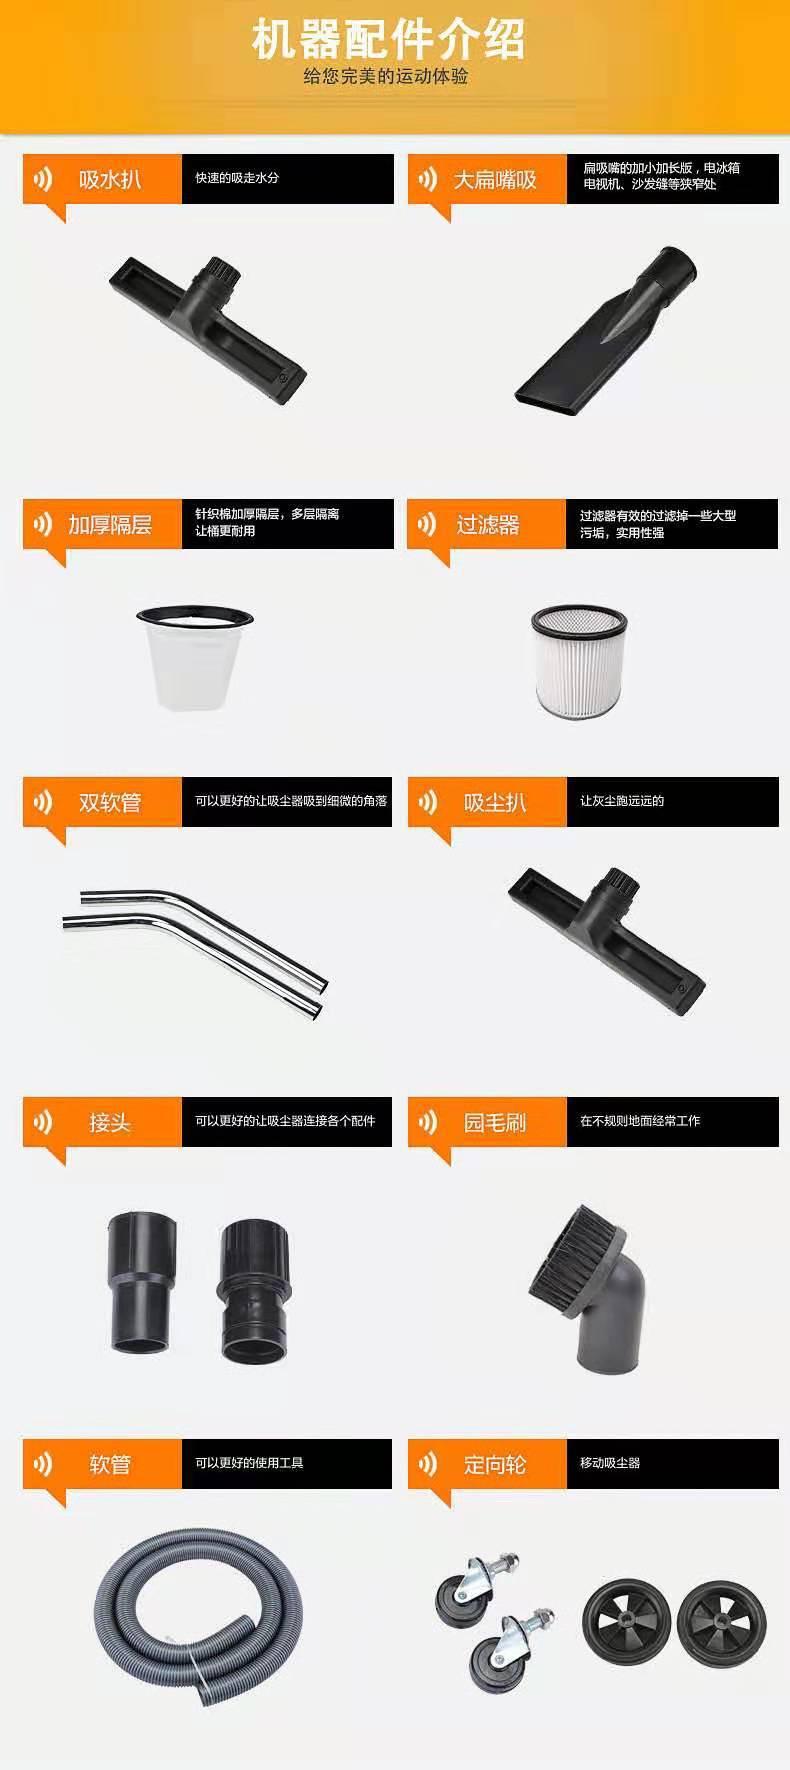 平面磨床专用吸尘器 工业粉末吸尘器车间干湿两用强吸力吸尘器示例图21